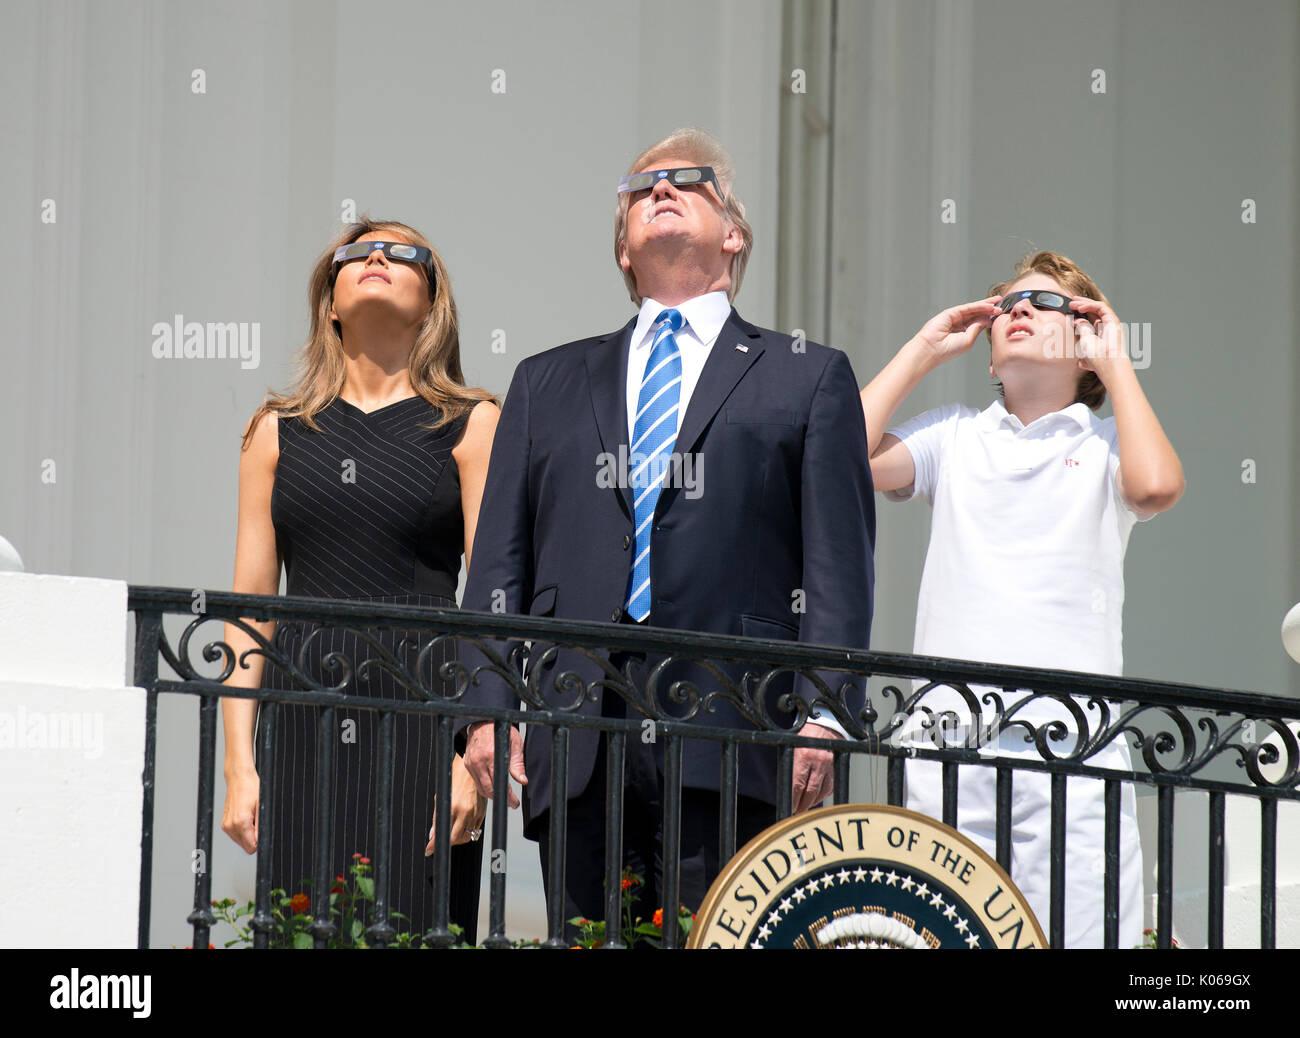 El Presidente de Estados Unidos, Donald J. Trump, centro, acompañado por la primera dama Melania Trump, izquierda, y Barron Trump, derecha, mire el eclipse parcial de sol desde el balcón de la habitación azul de la Casa Blanca en Washington, DC el lunes, 21 de agosto de 2017. Crédito: Ron Sachs / CNP - SIN CABLE SERVICIO - Foto: Ron Sachs/dpa/consolidados Imagen De Stock